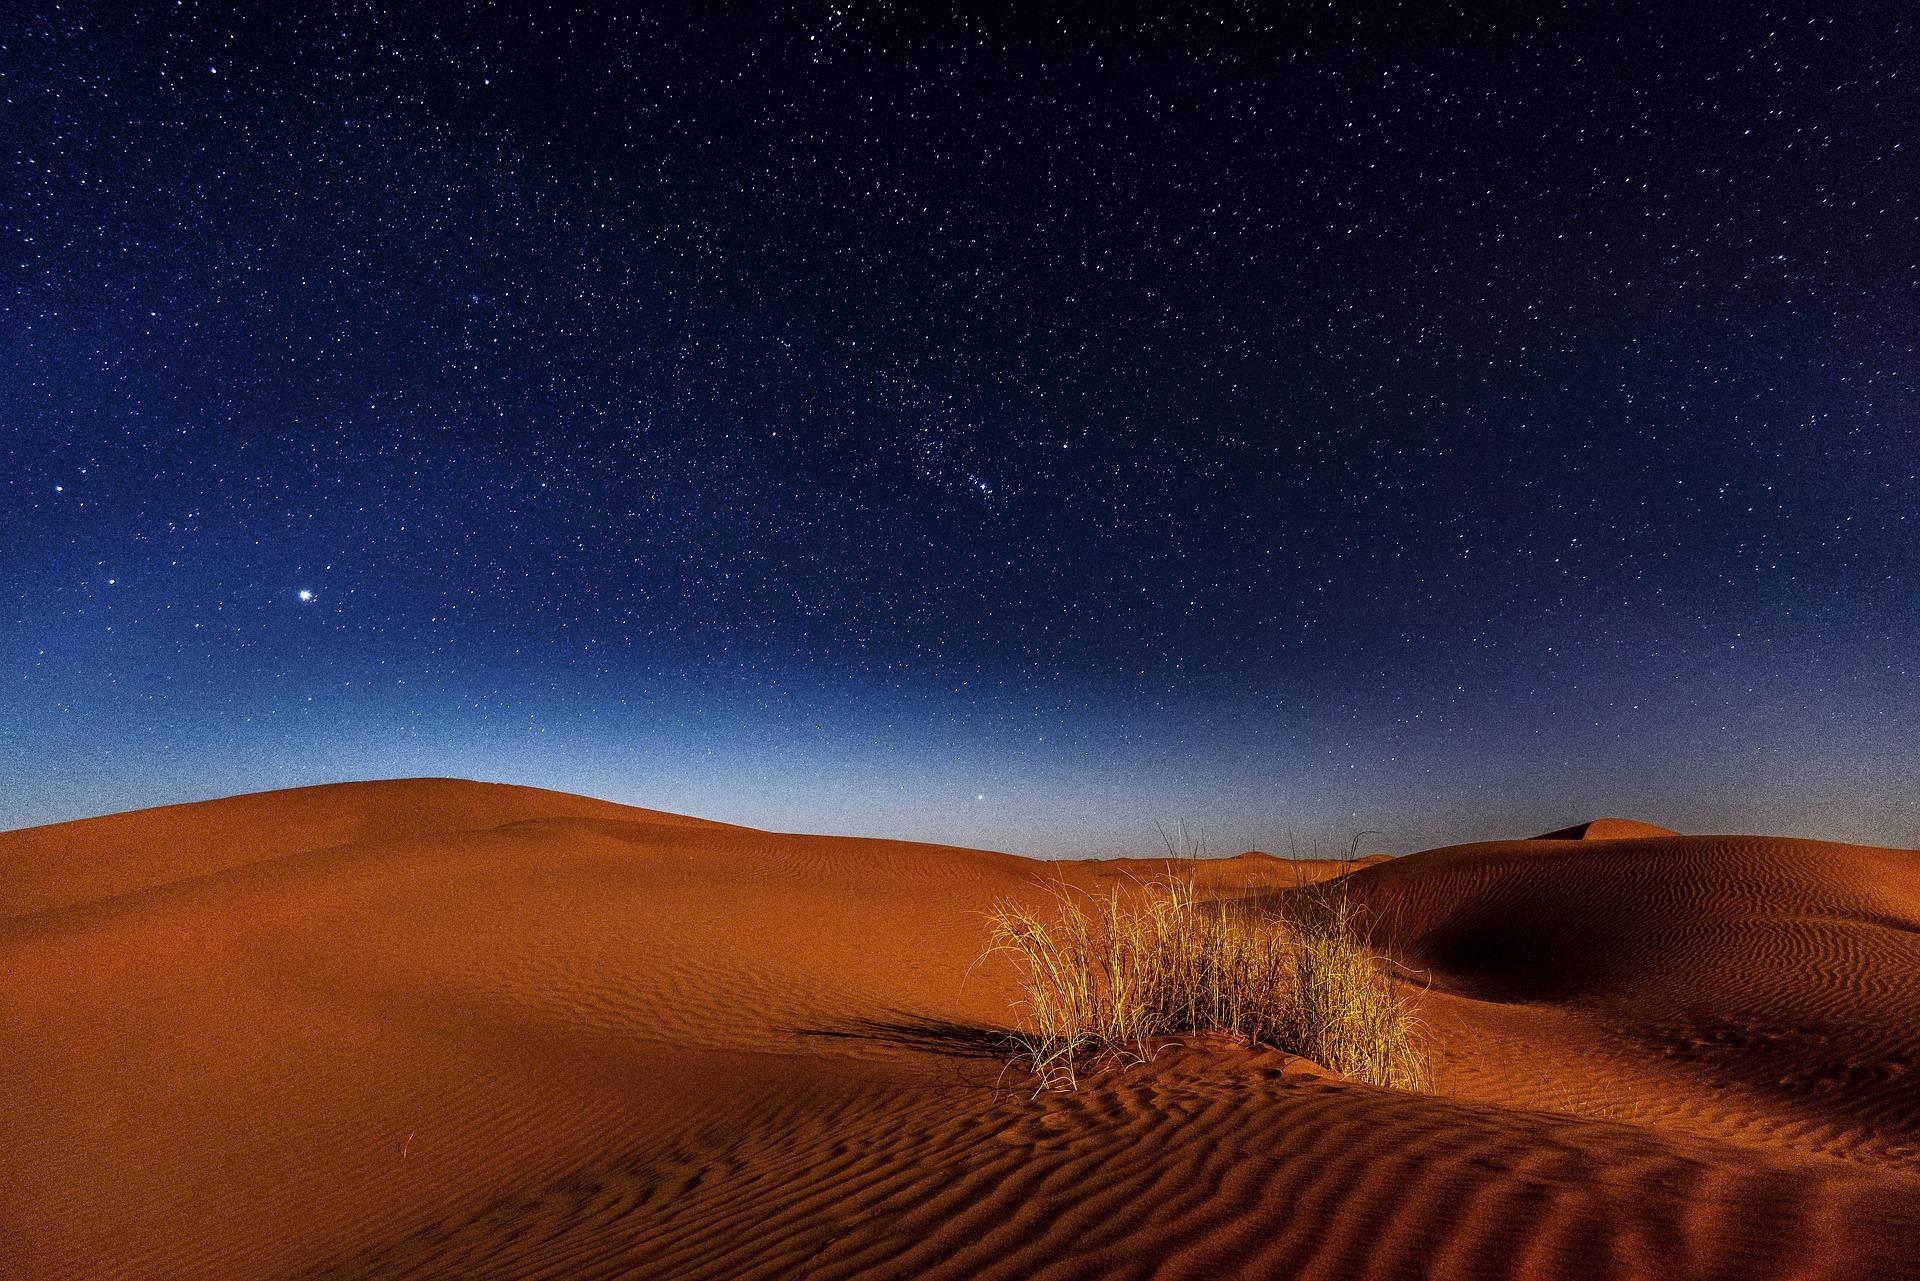 desert-2583204_1920.jpg